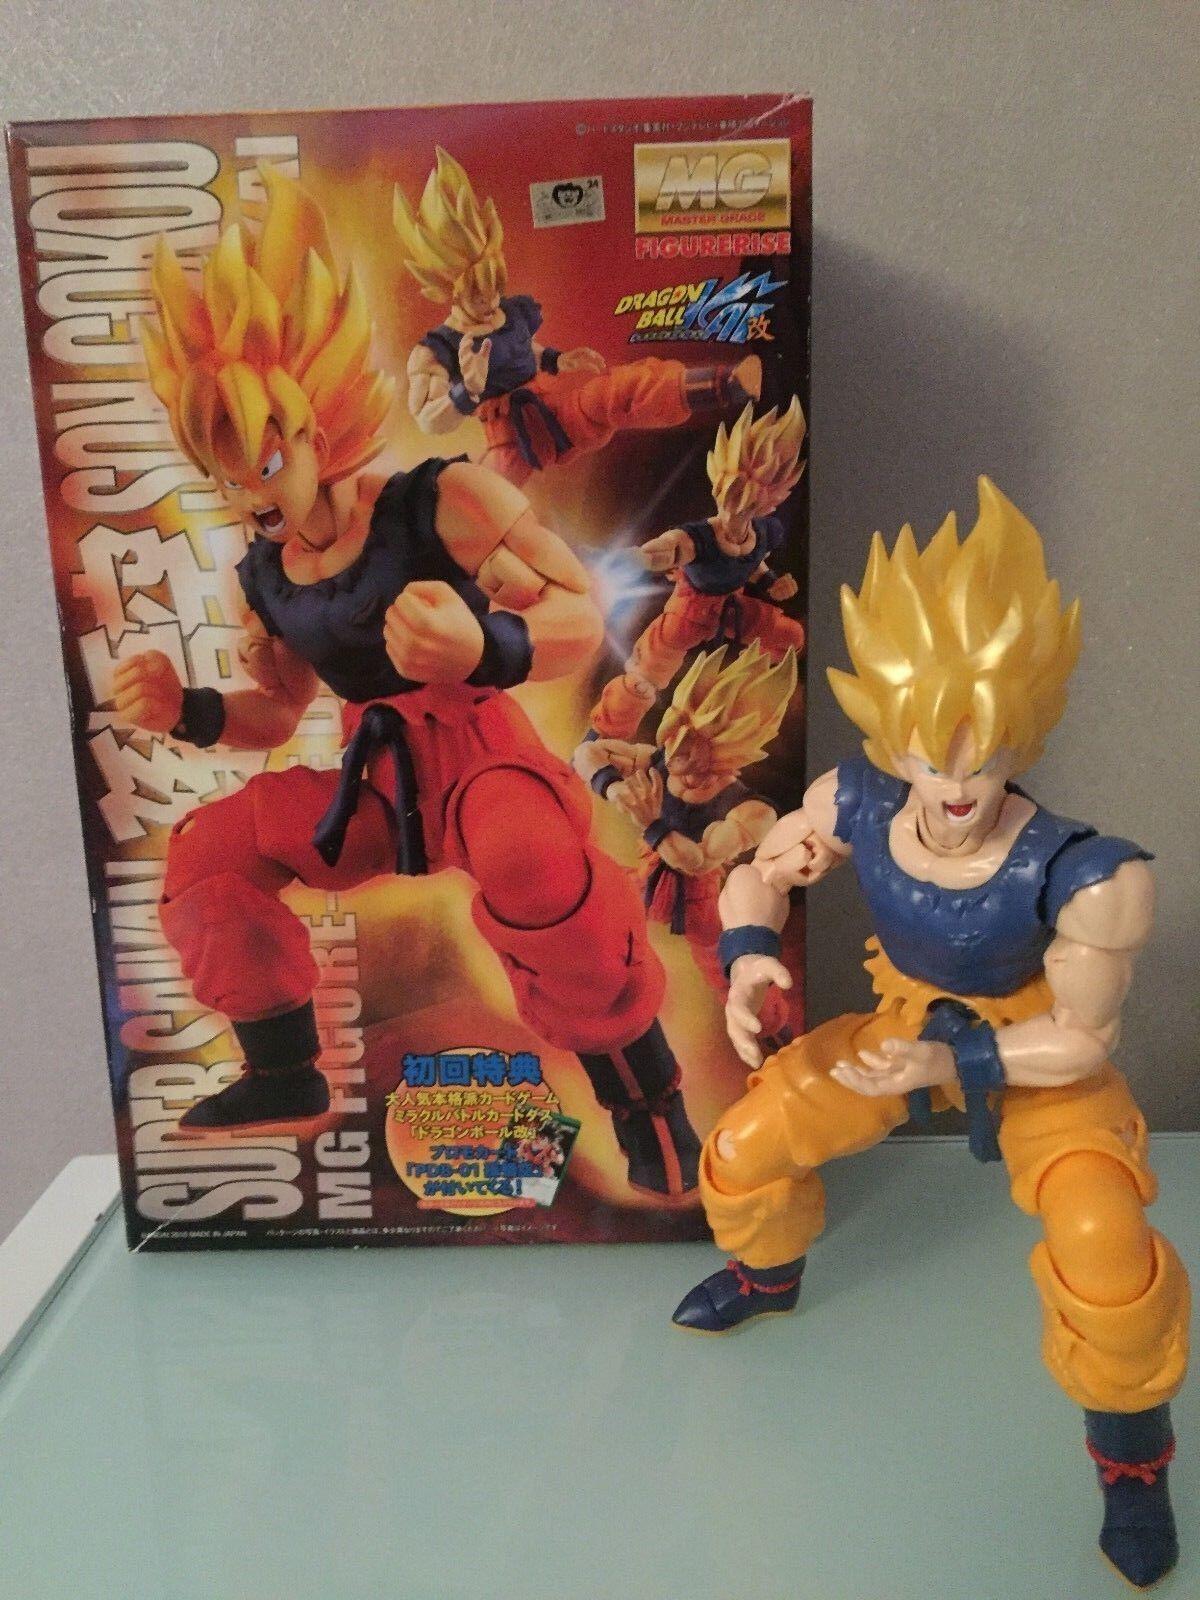 DRAGON BALL 1 8 Figure Goku Super Saiyan Master Grade Bandai